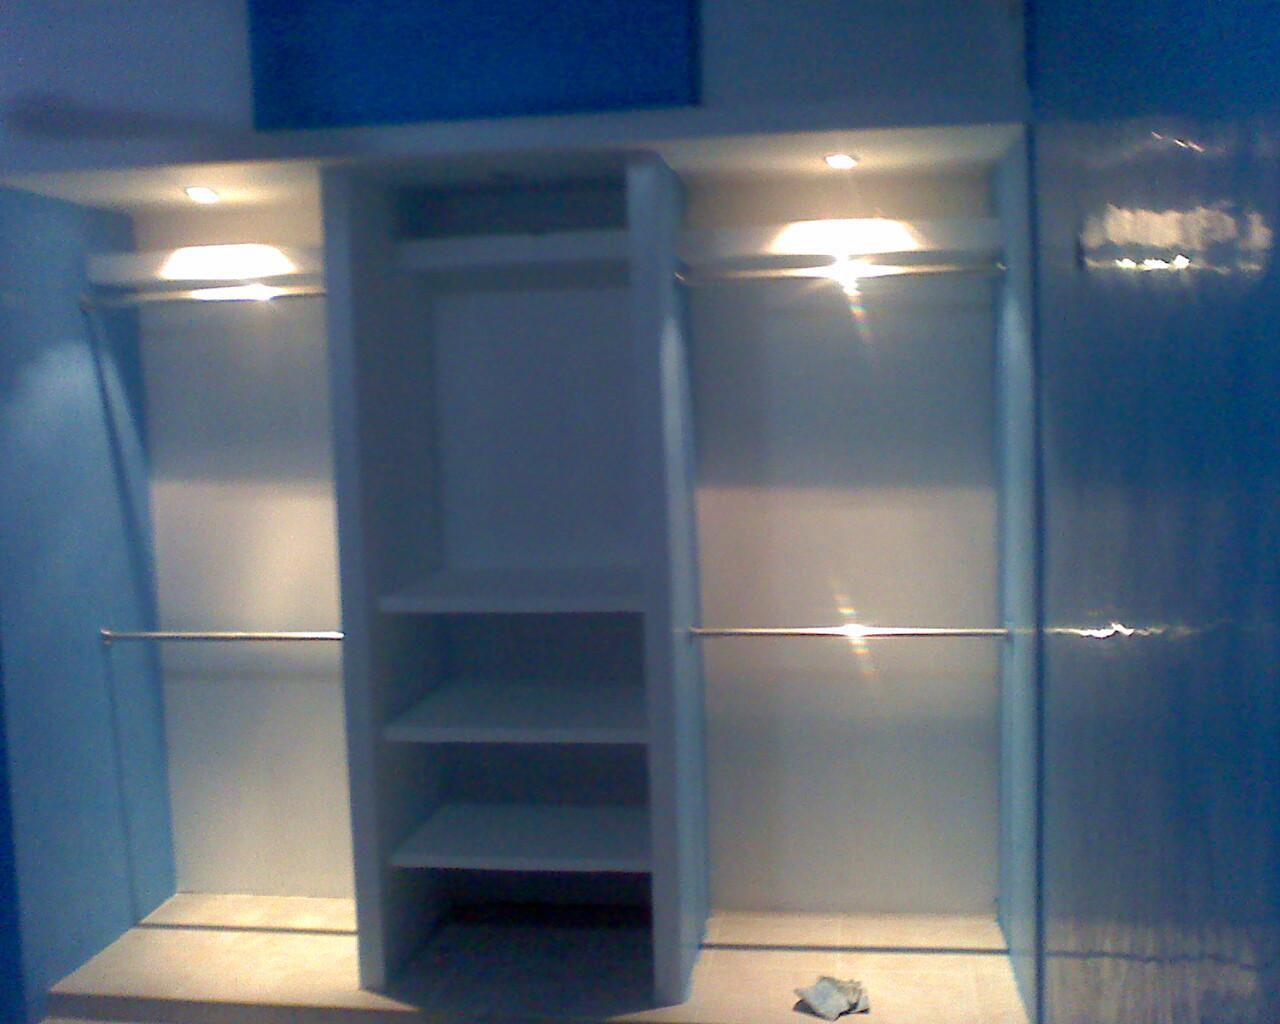 Muebles de tablaroca closet 20170809151508 for Techos de tablaroca modernos